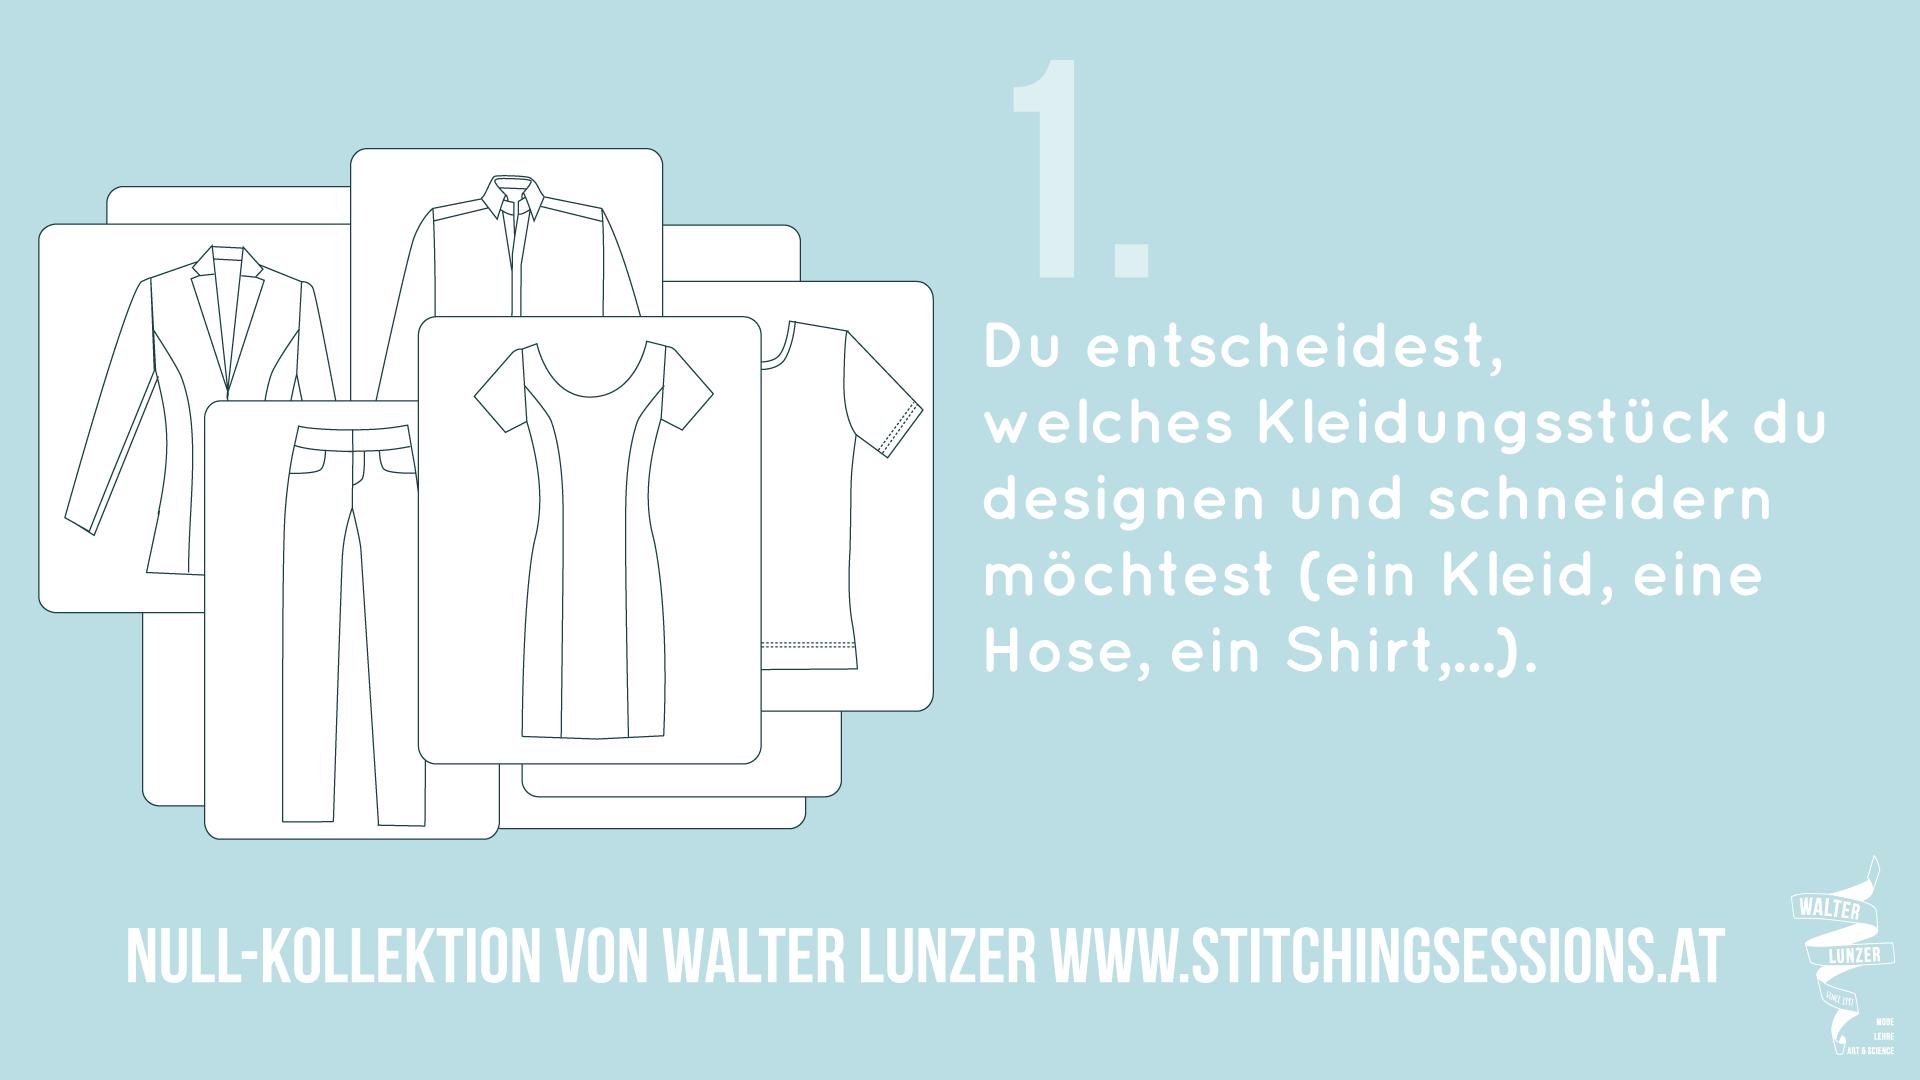 Du entscheidest, welches Kleidungsstück du designen und schneidern möchtest (ein Kleid, eine Hose, ein Shirt,...).